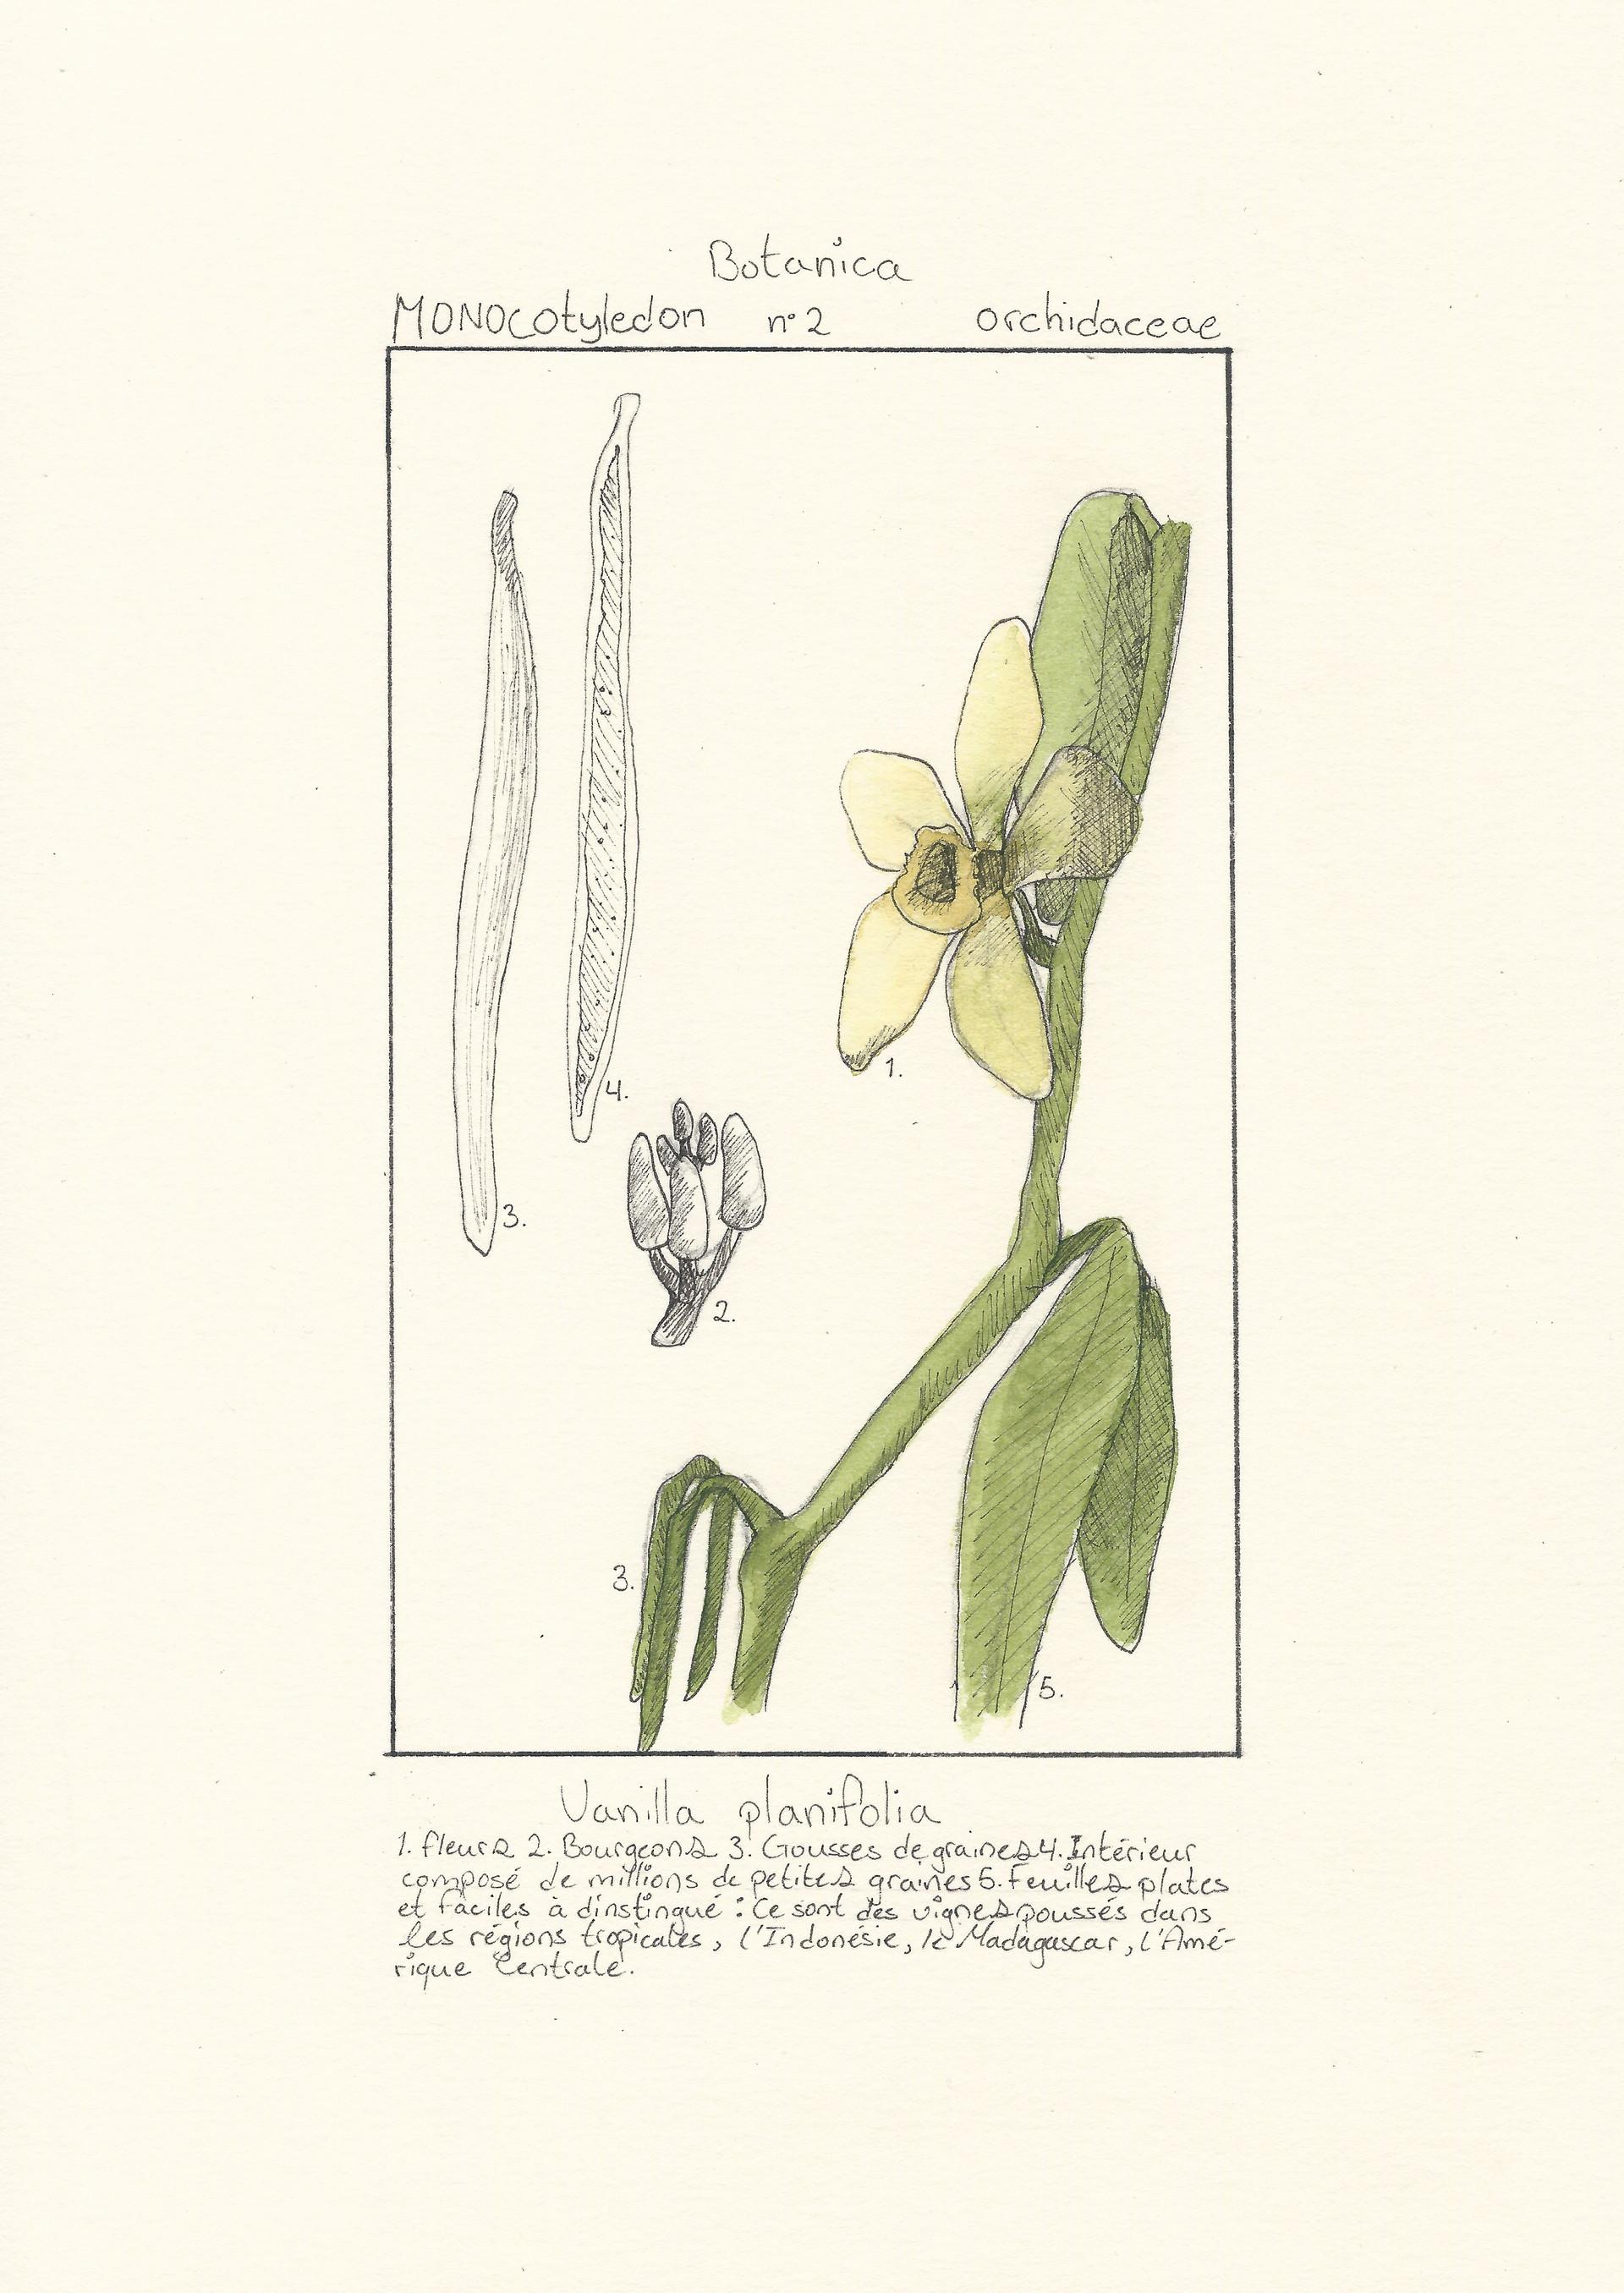 Pierre-Luc Gingras - Botanica 2 (Techniques mixtes)